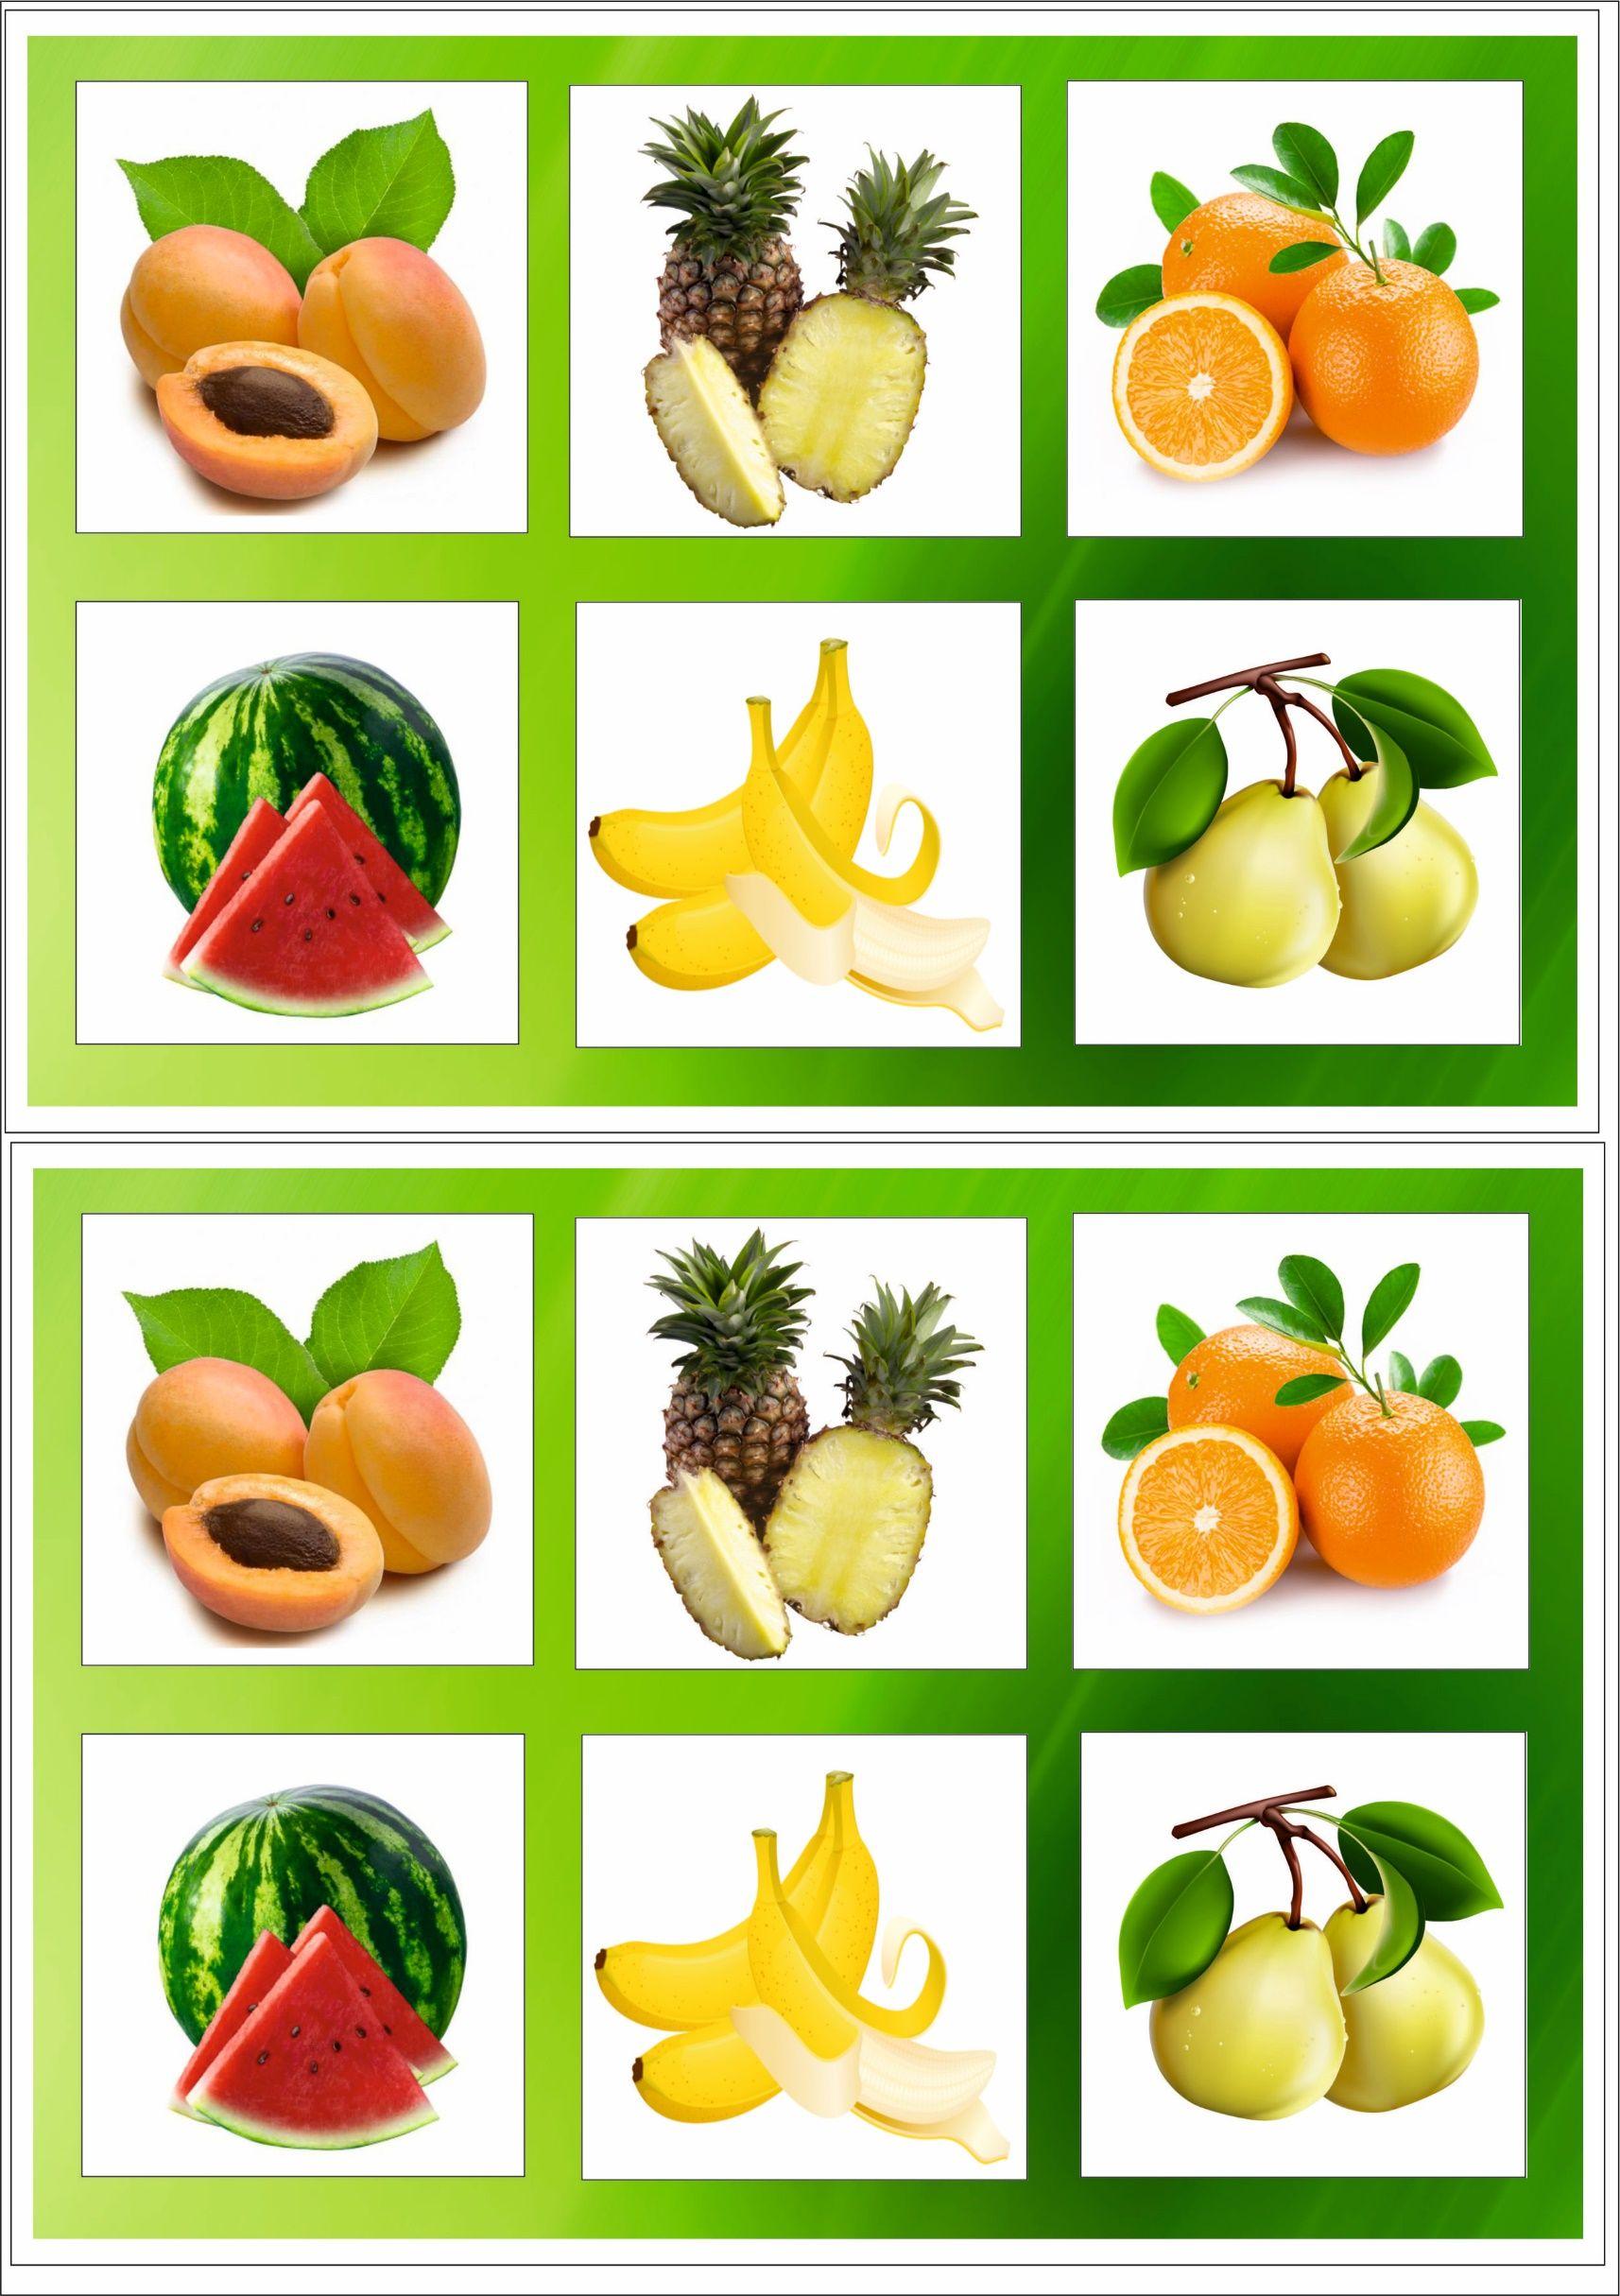 Картинки ягоды и фрукты для детей дошкольников, как